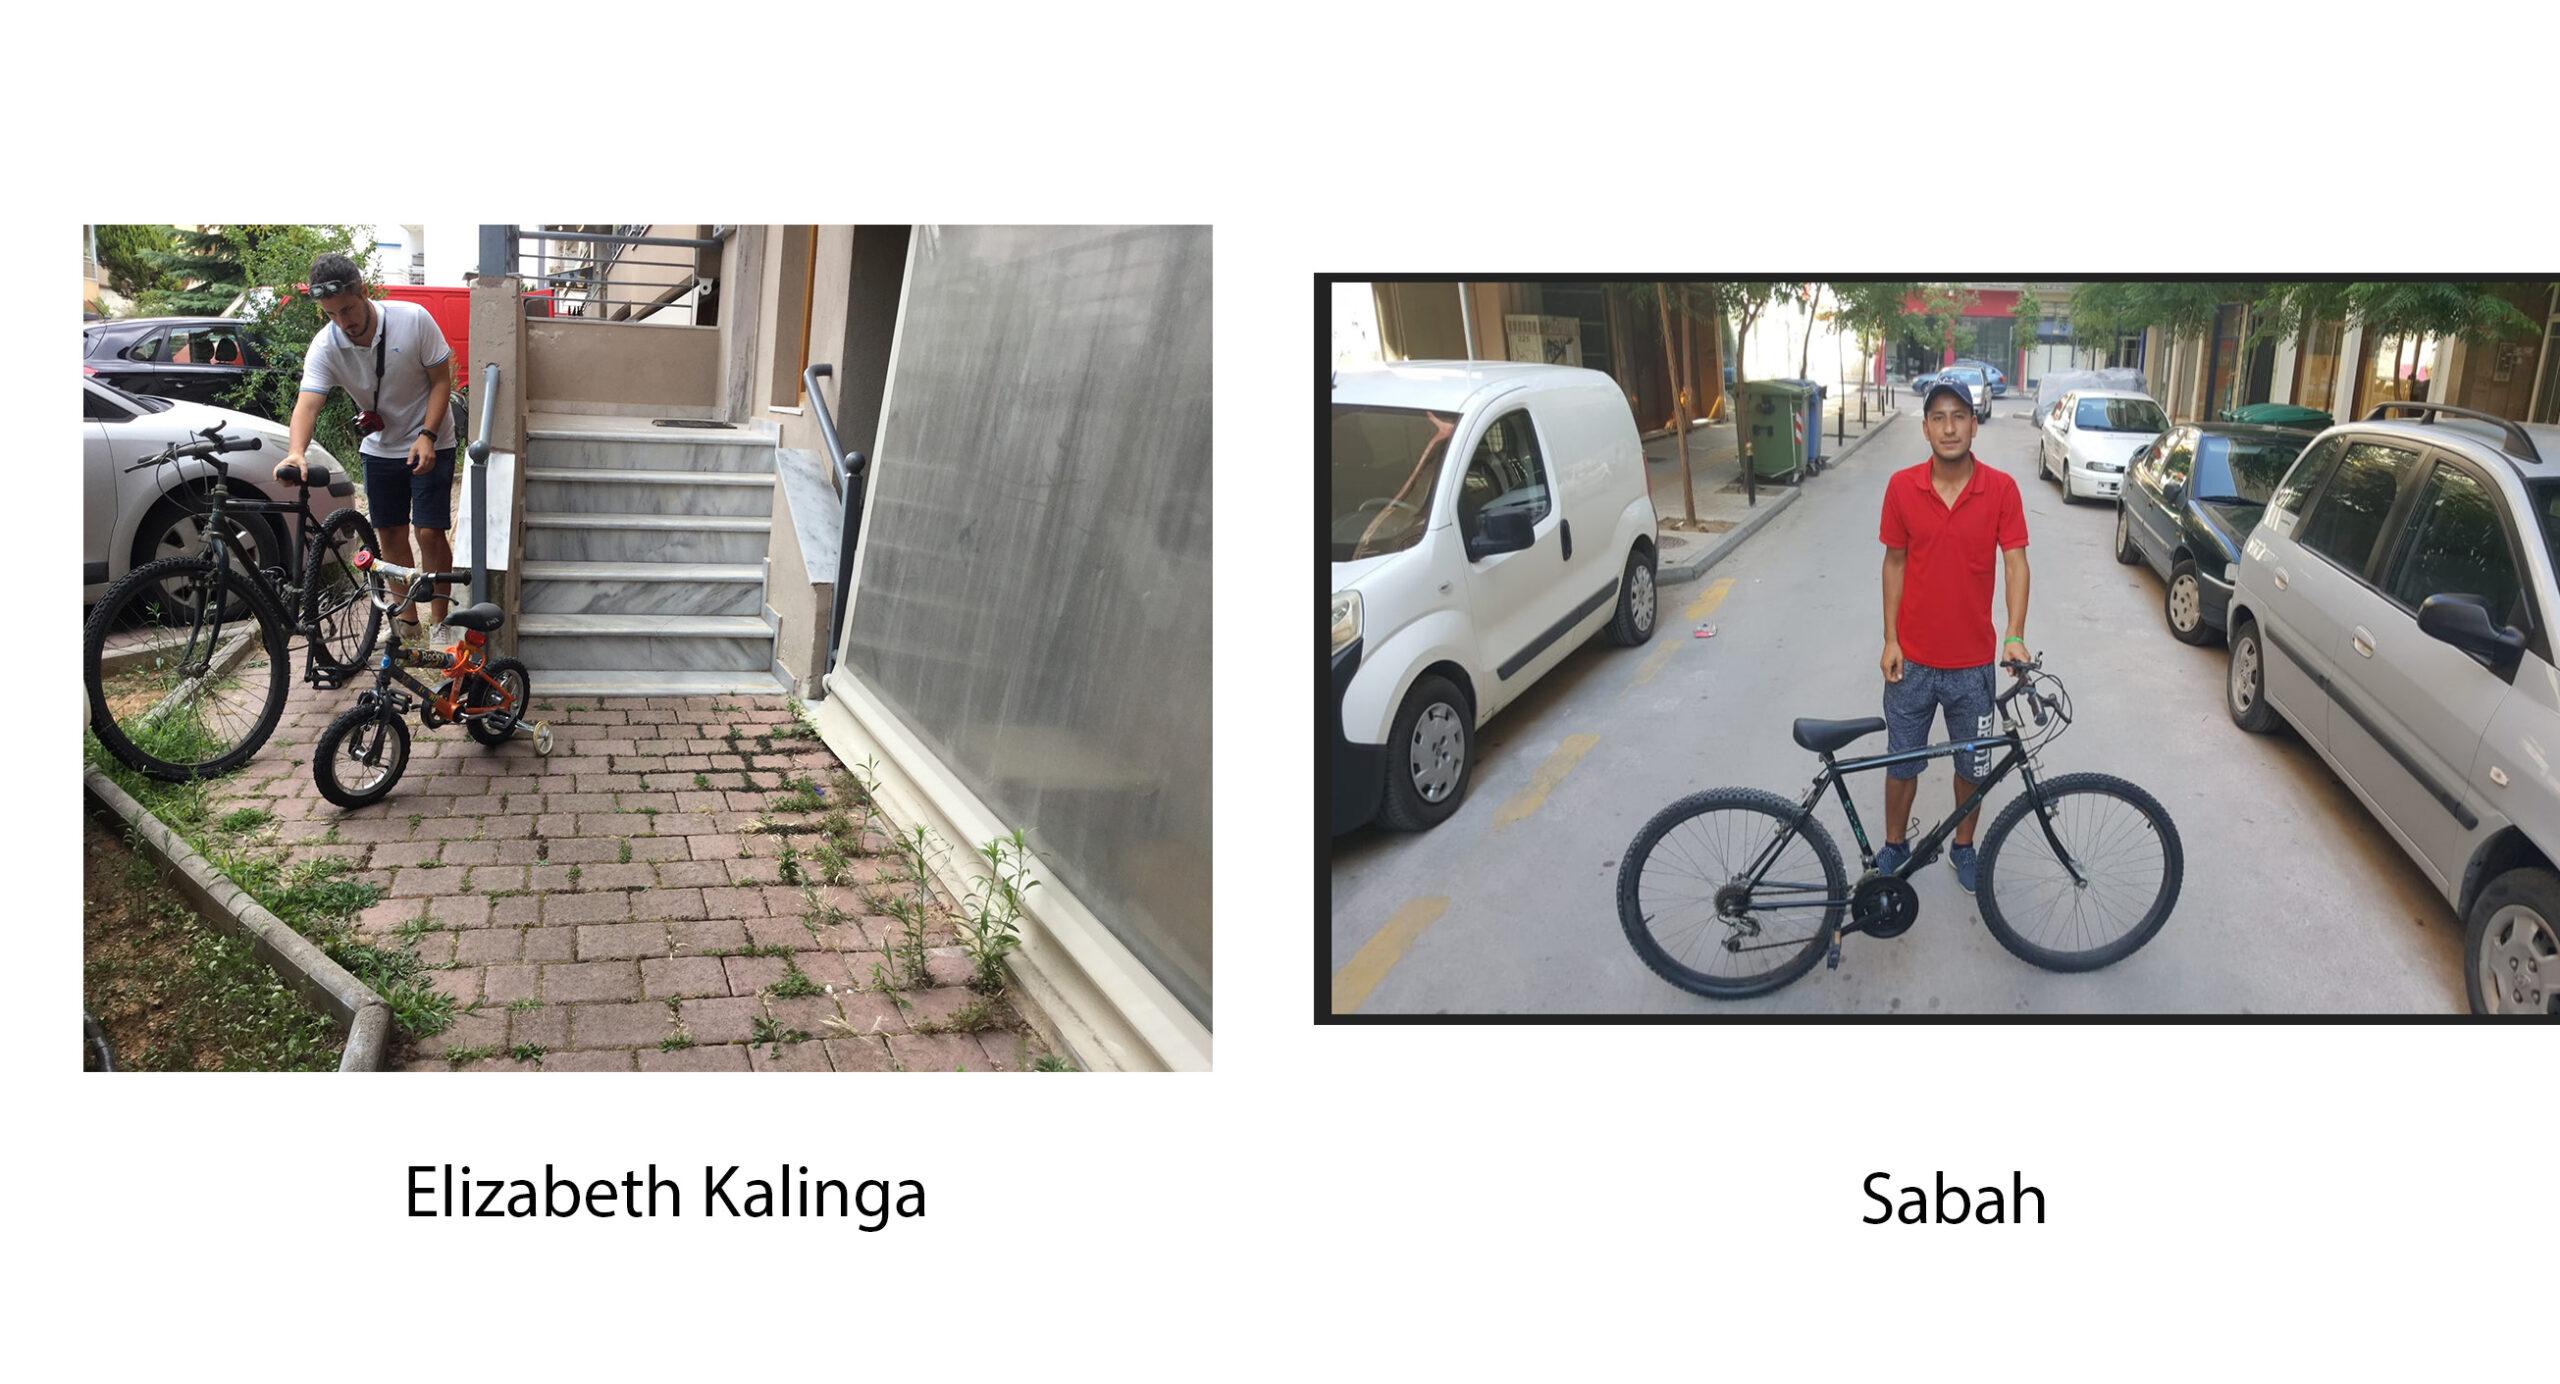 1from-ELISABETH-kALINGA-TO-SABAH-the-black-bike-scaled